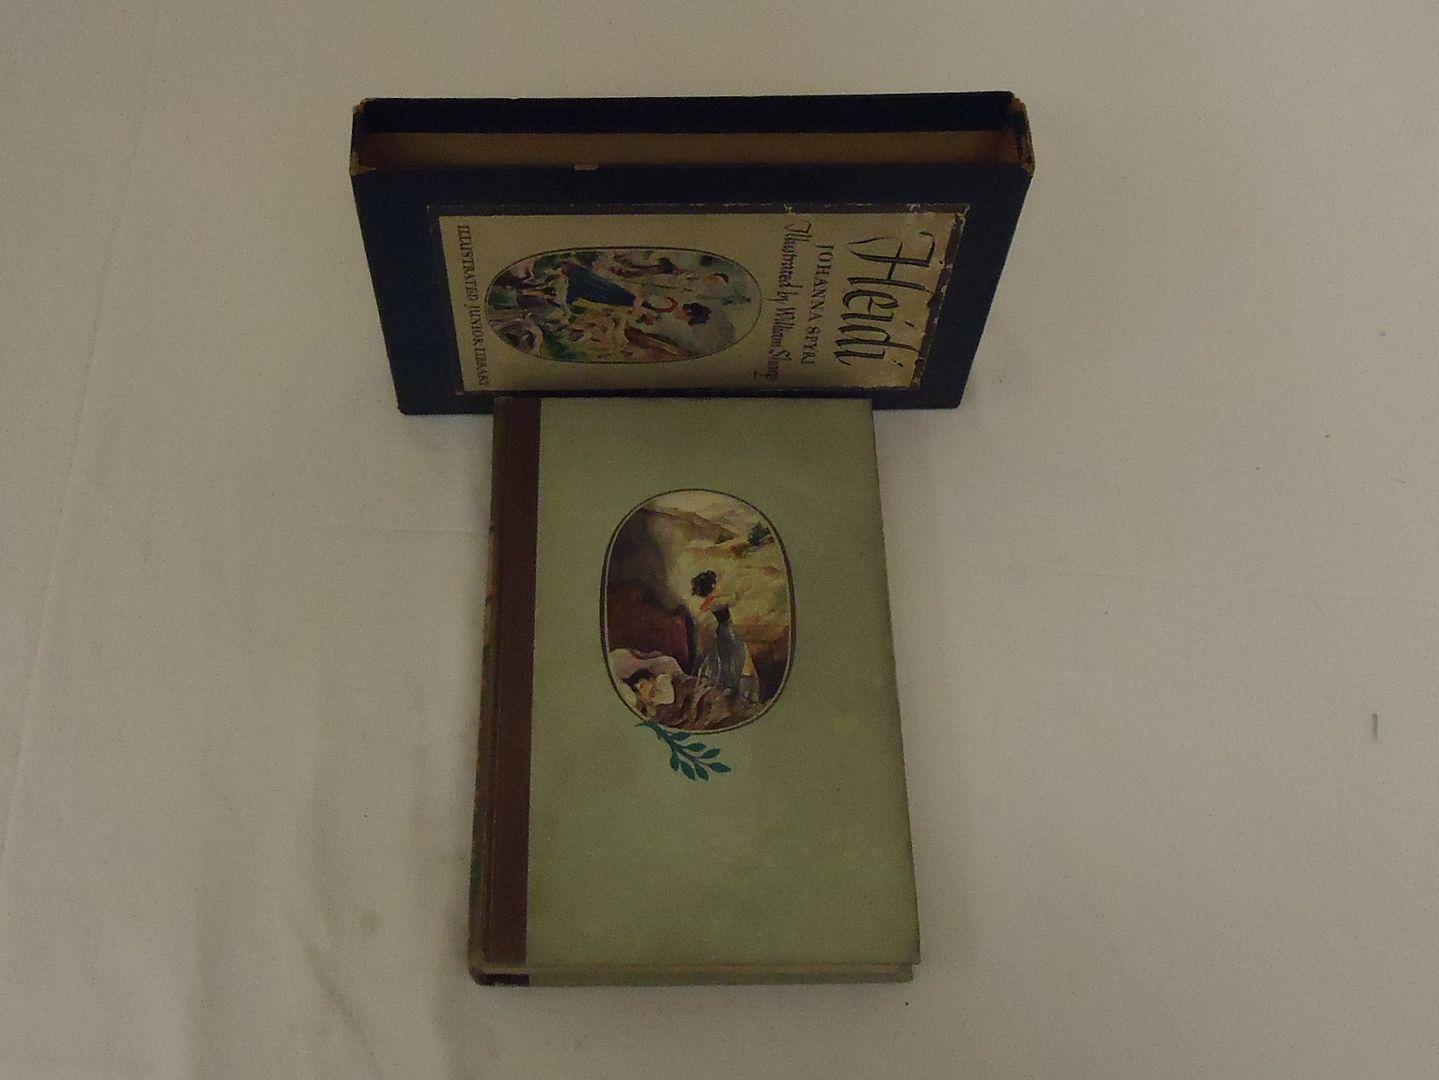 em5188 100212-220m Grosset & Dunlap Inc. Heidi Johanna Spyri Vintage Book Hardcover